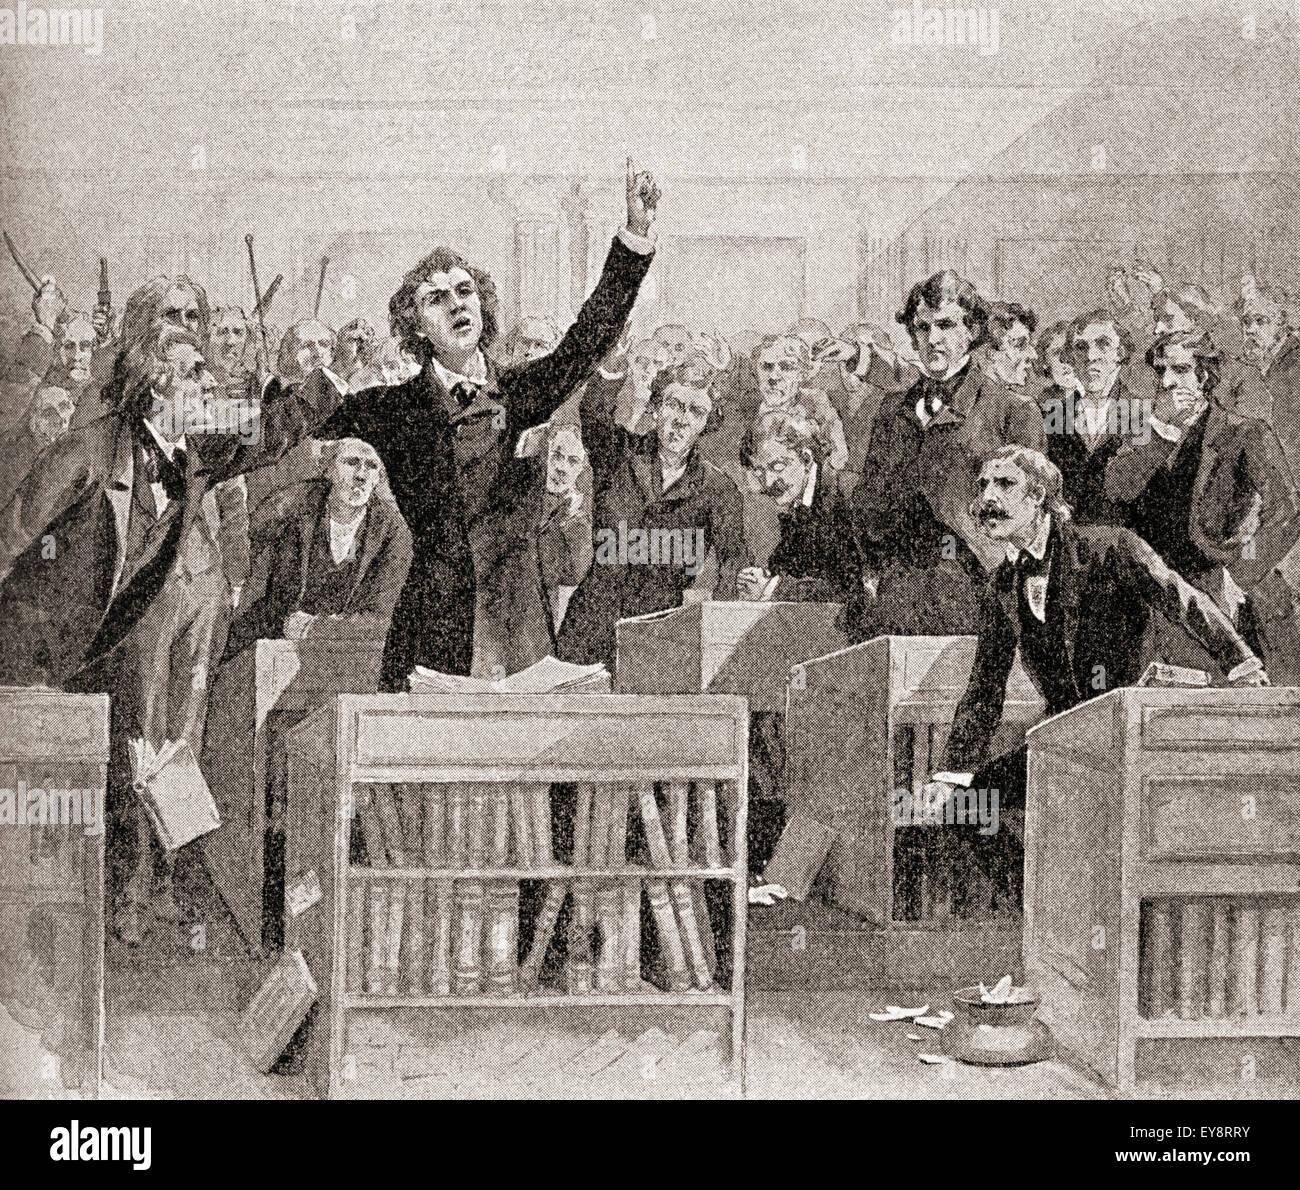 Eine hitzige Debatte über das Thema Sklaverei im amerikanischen Kongress, 1850. Stockbild